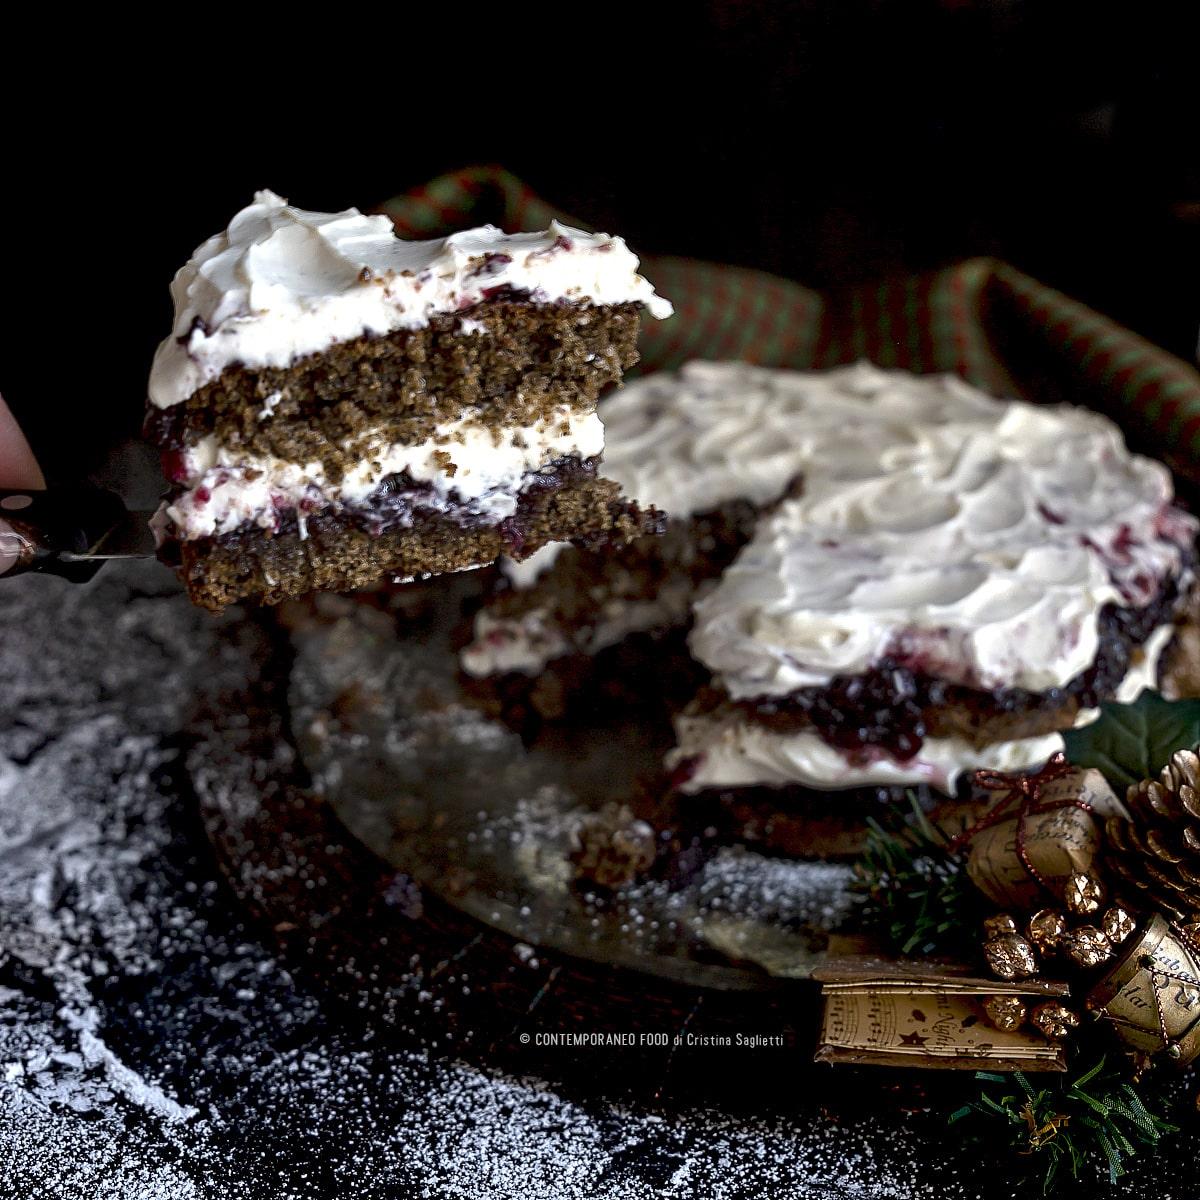 pan-di-spagna-alla-farina-di-canapa-crema-di-mascarpone-alla-vaniglia-marmellata-di-frutti-di-bosco-torta-natale-farine-alternative-contemporaneo-food